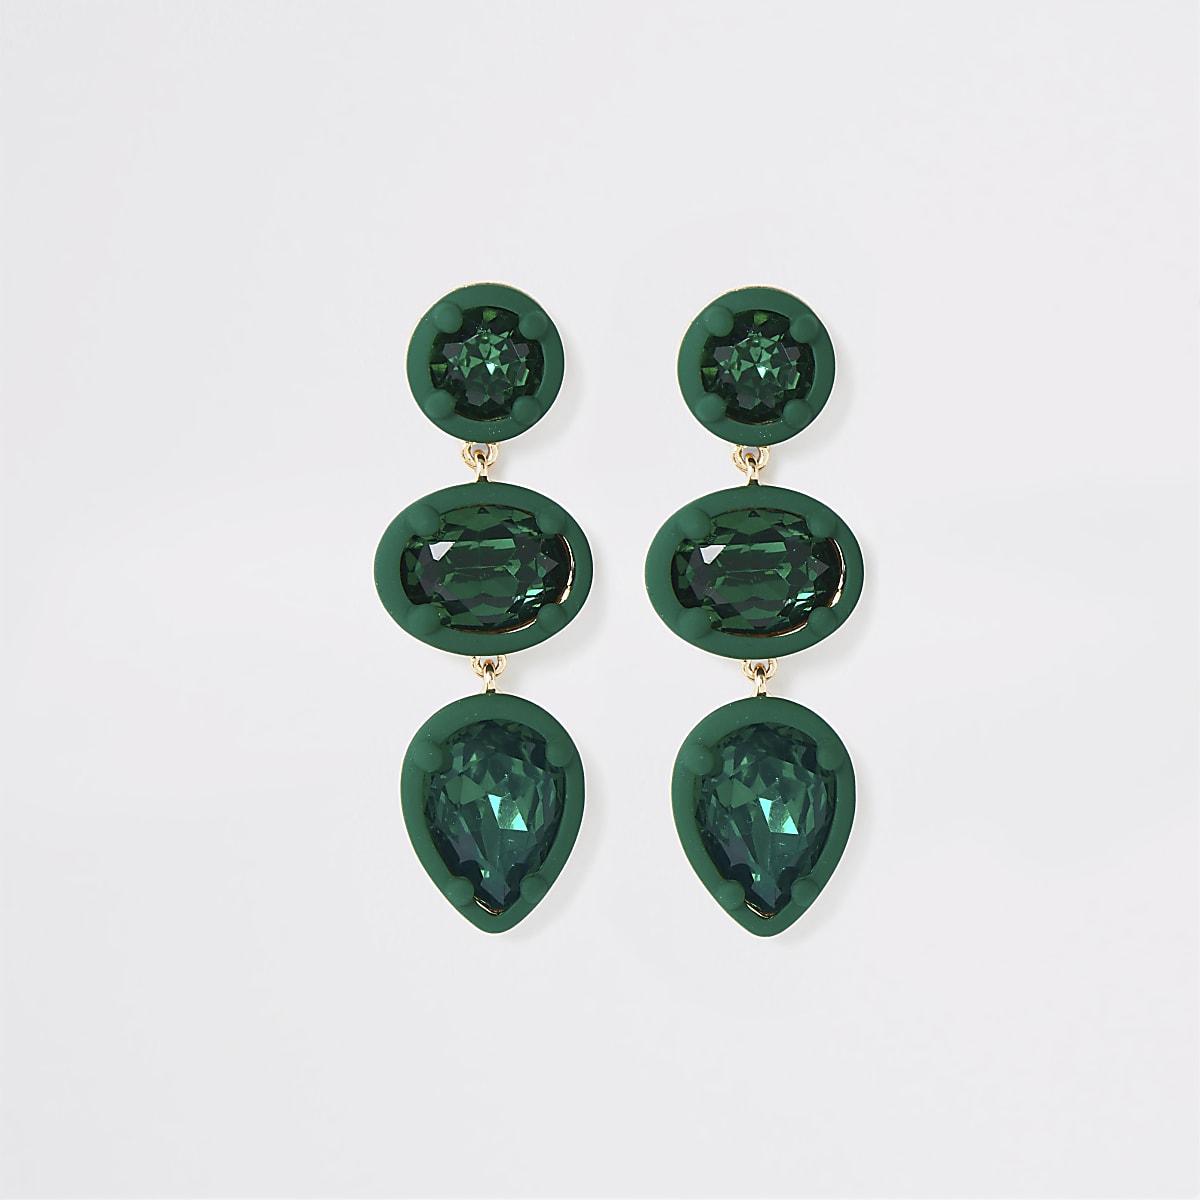 Oorbellen met groen steentje